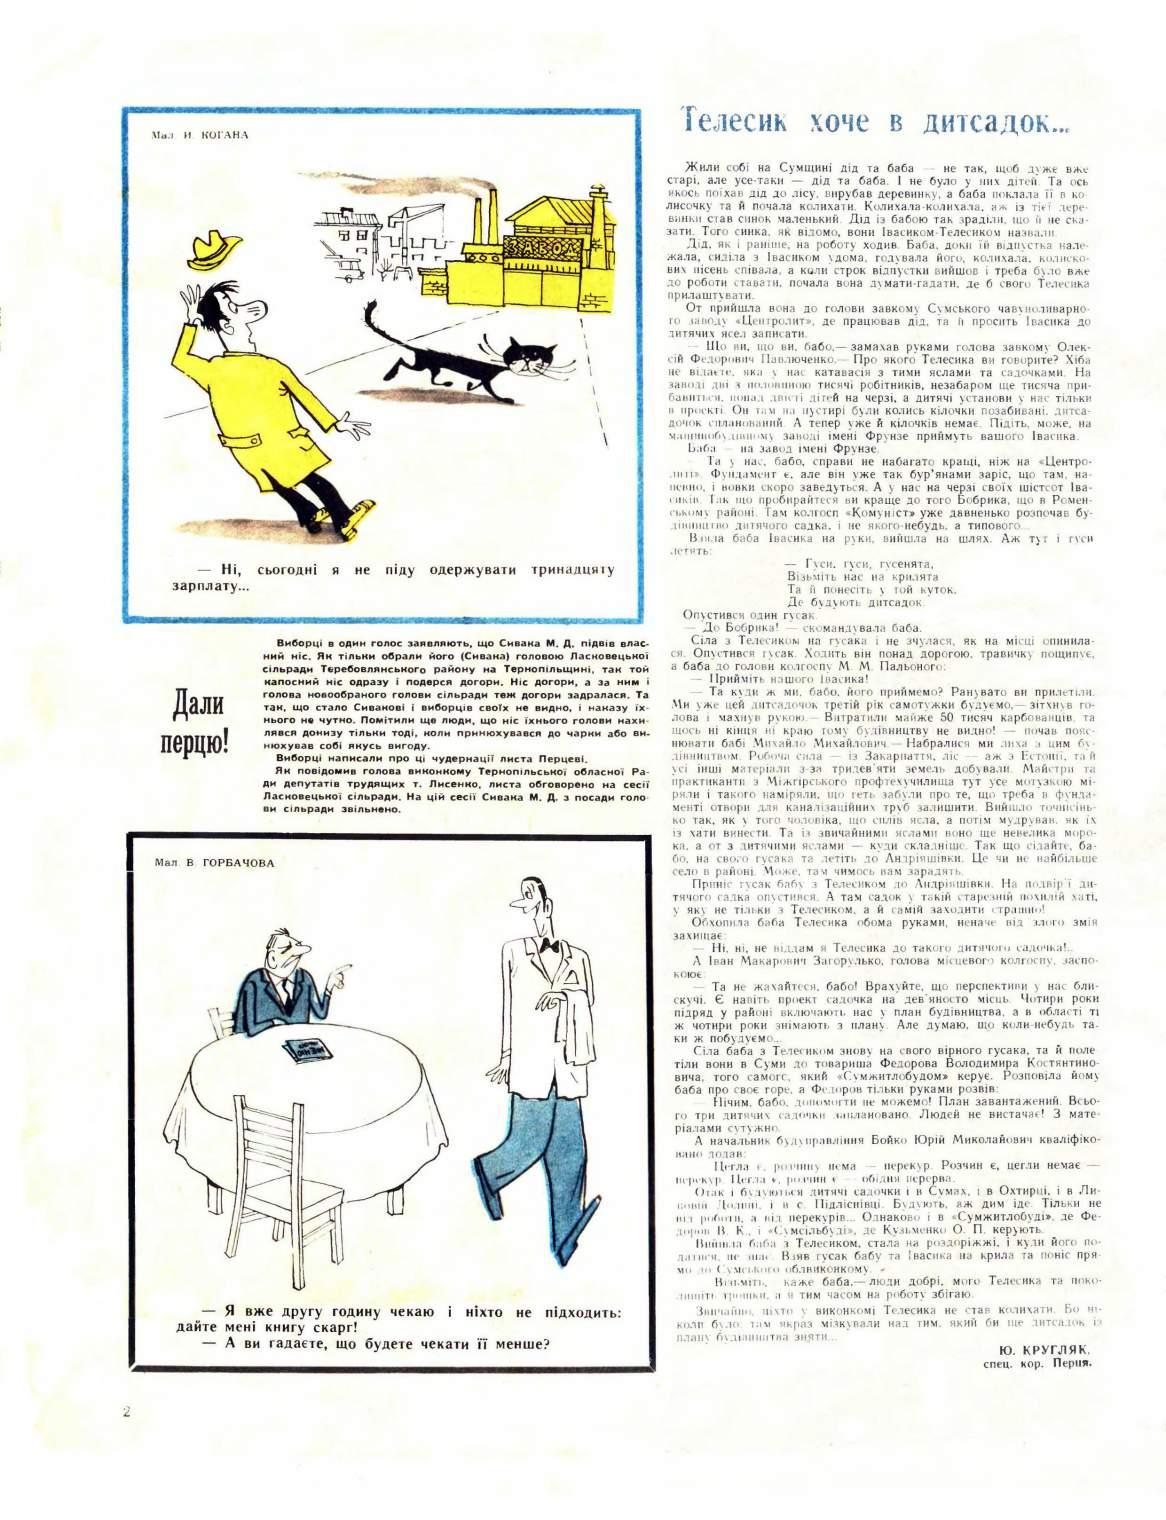 Журнал перець 1970 №23